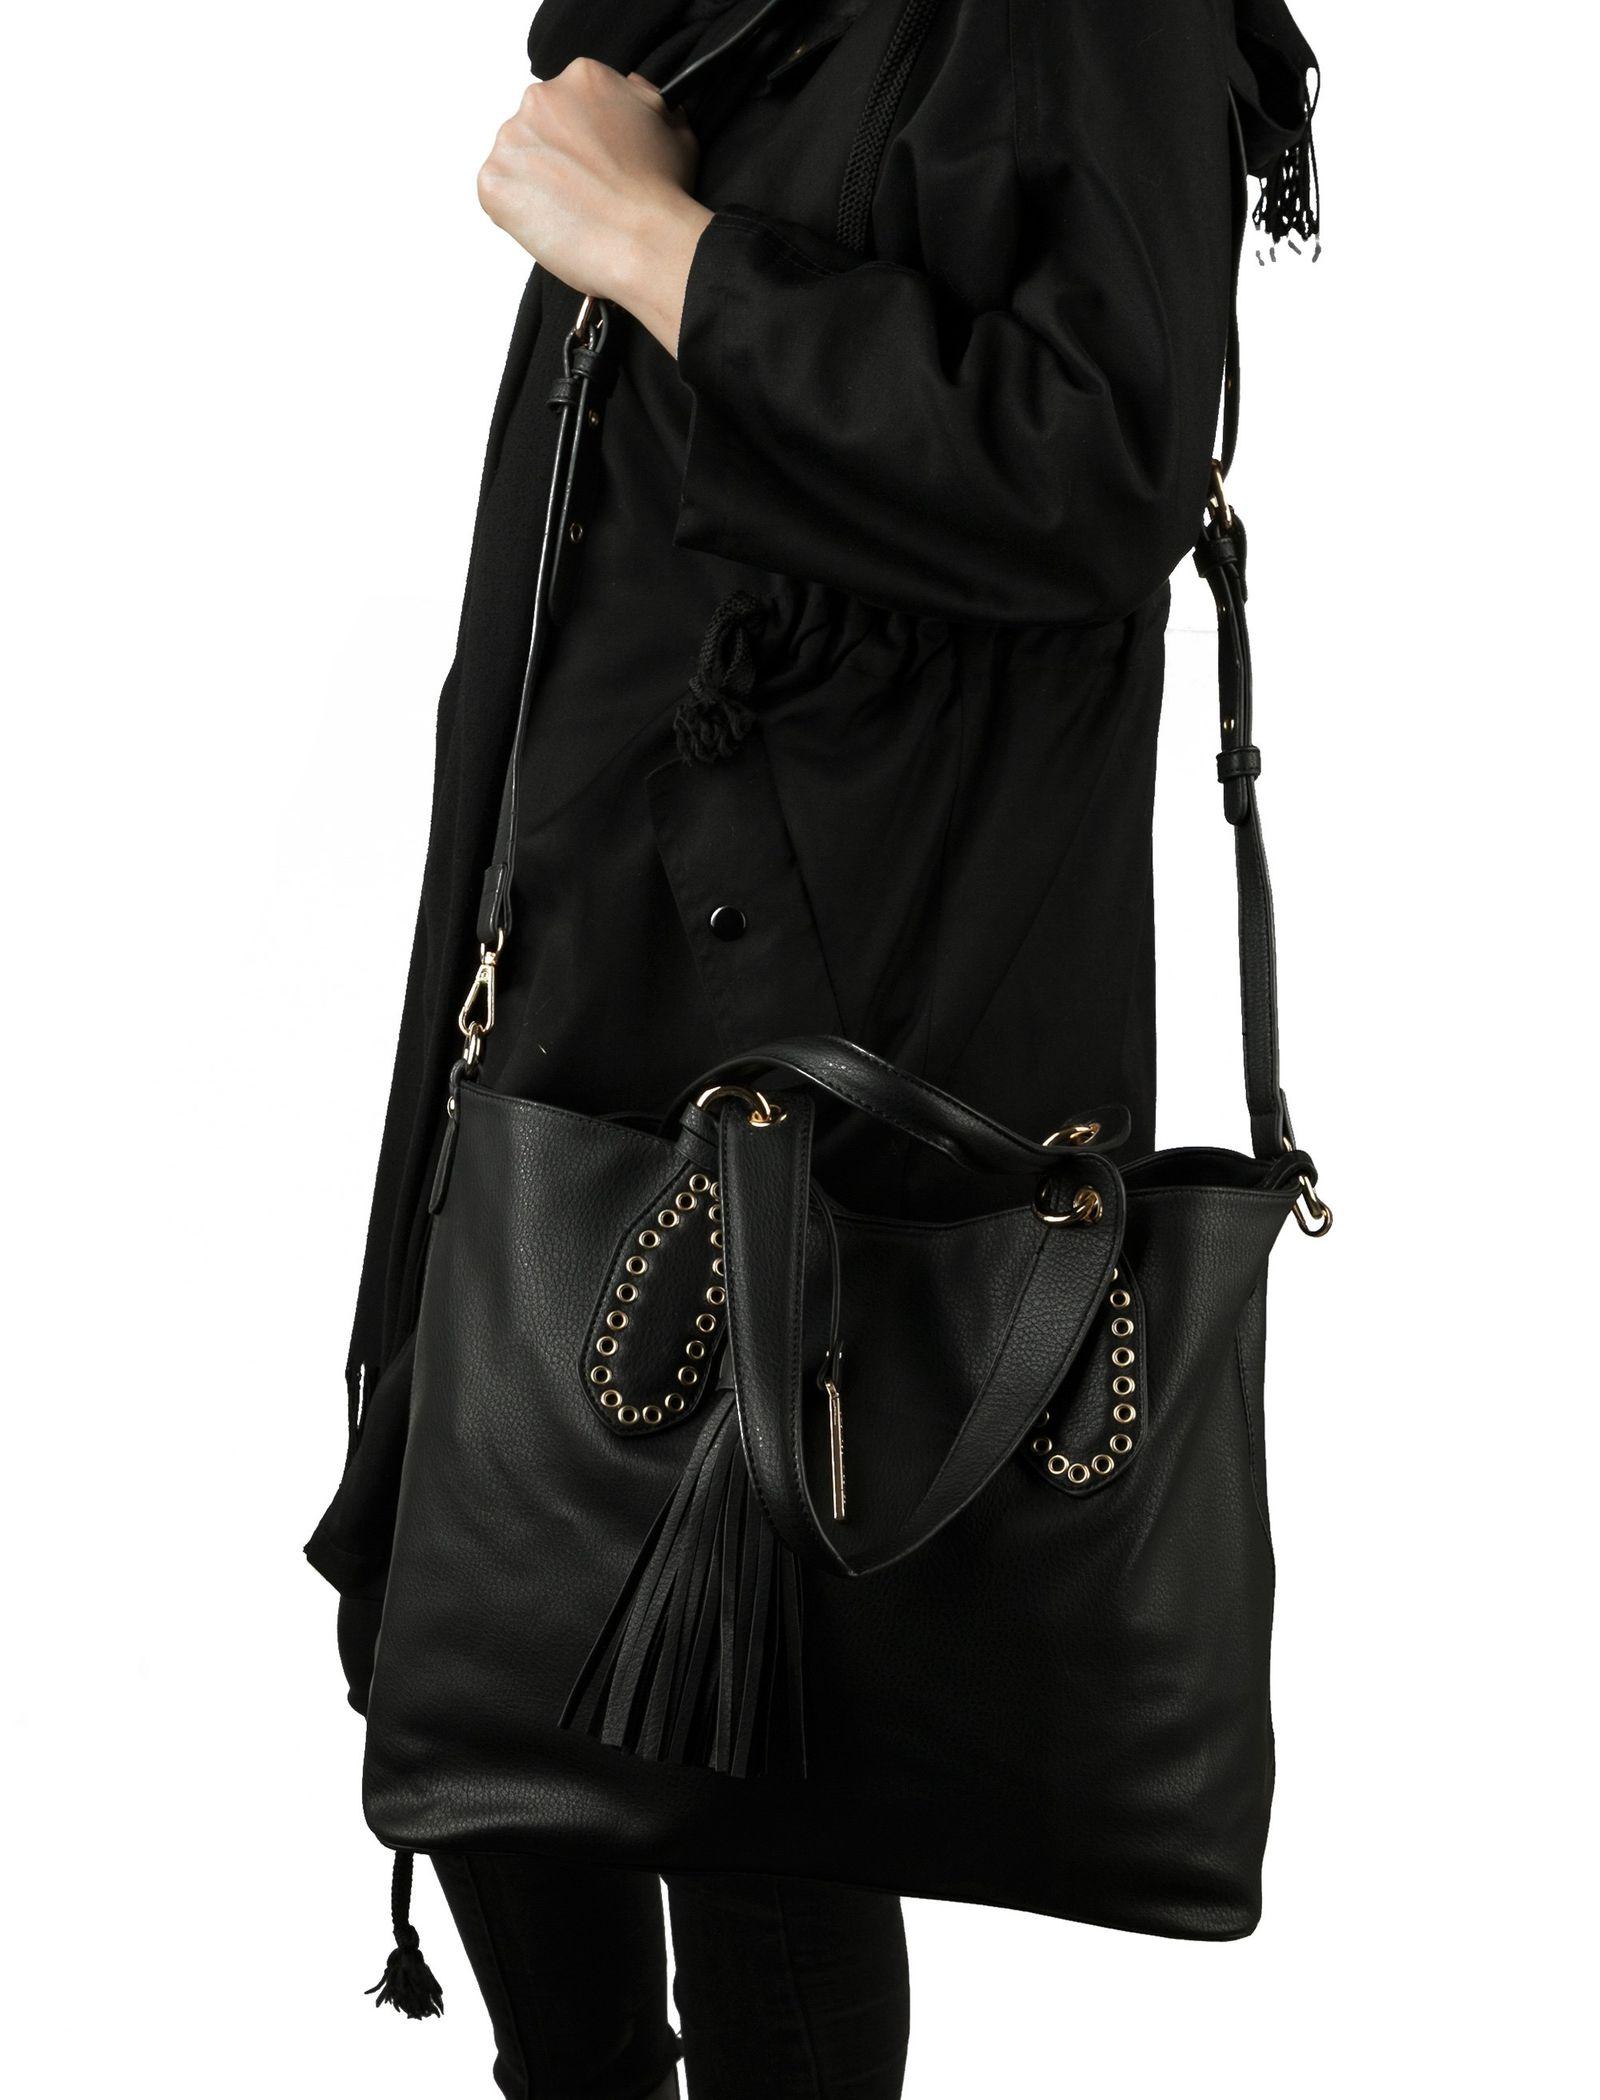 کیف دوشی روزمره زنانه - شانتال تک سایز - مشکي - 2